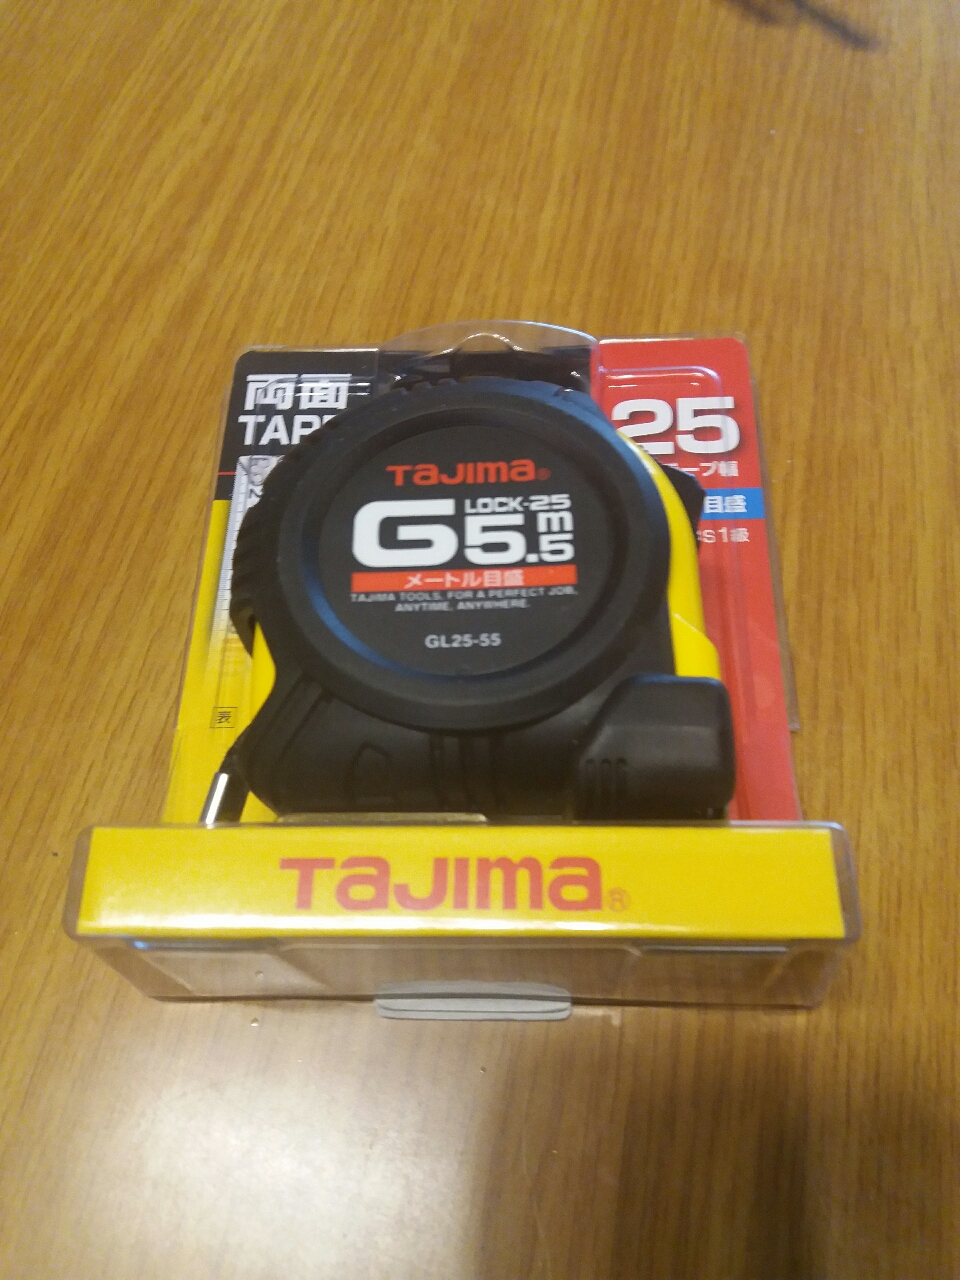 타지마 줄자 새것 gl25-55 고무그립 5.5m